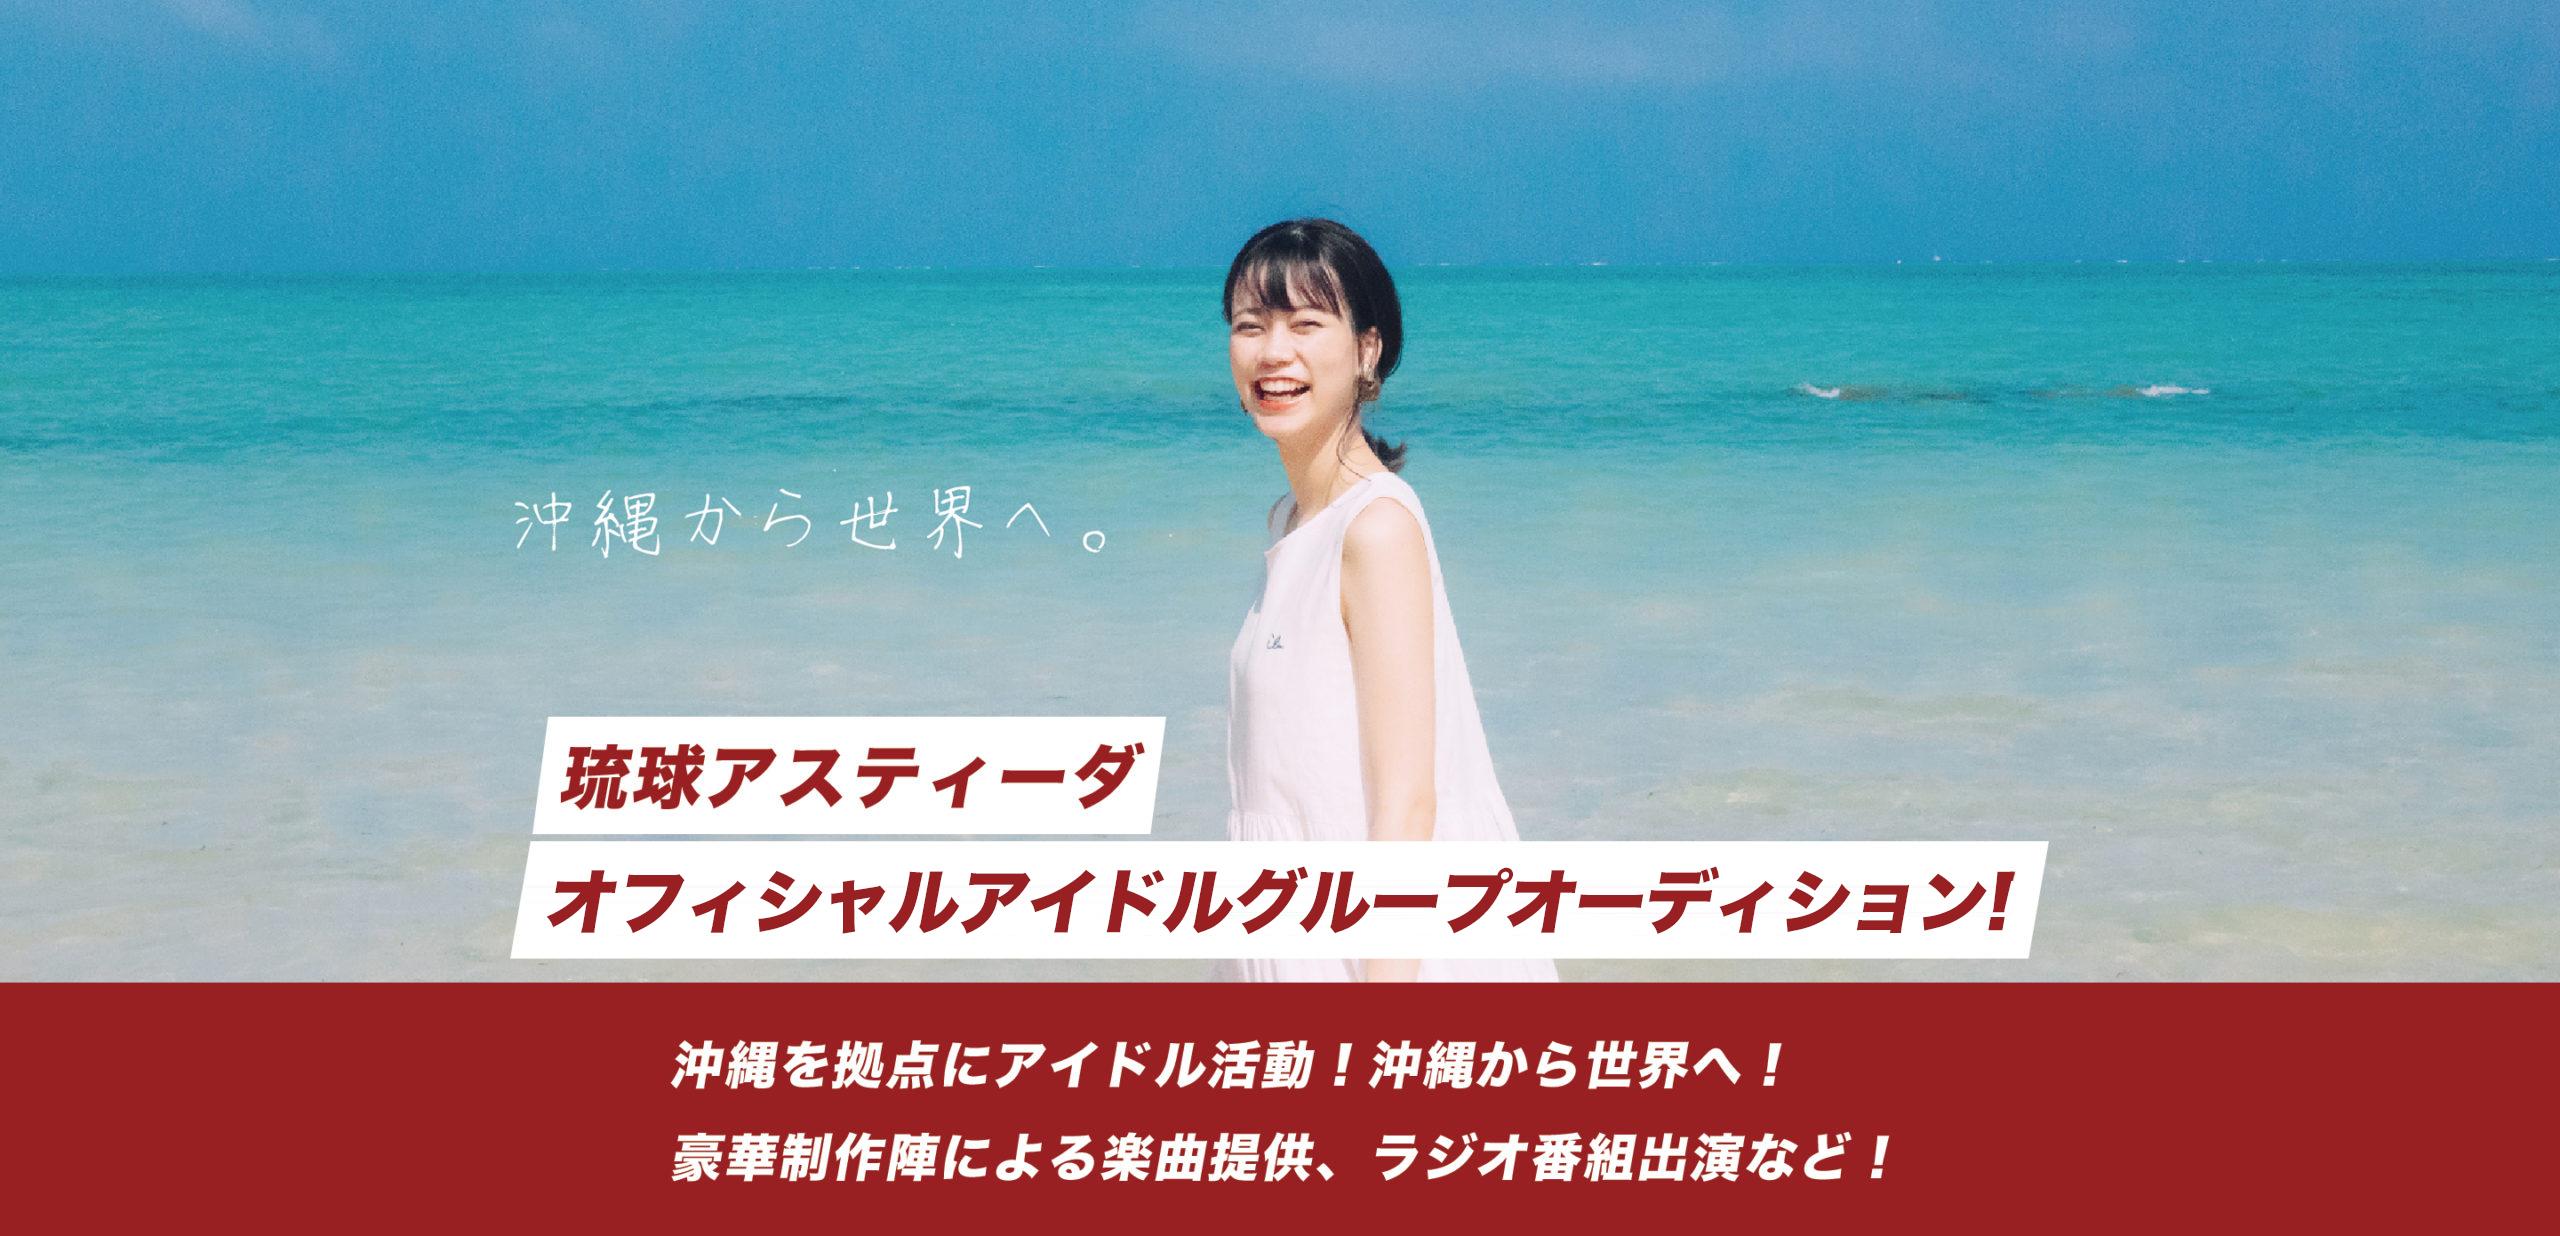 琉球アスティーダオフィシャルアイドルグループオーディションメイン画像